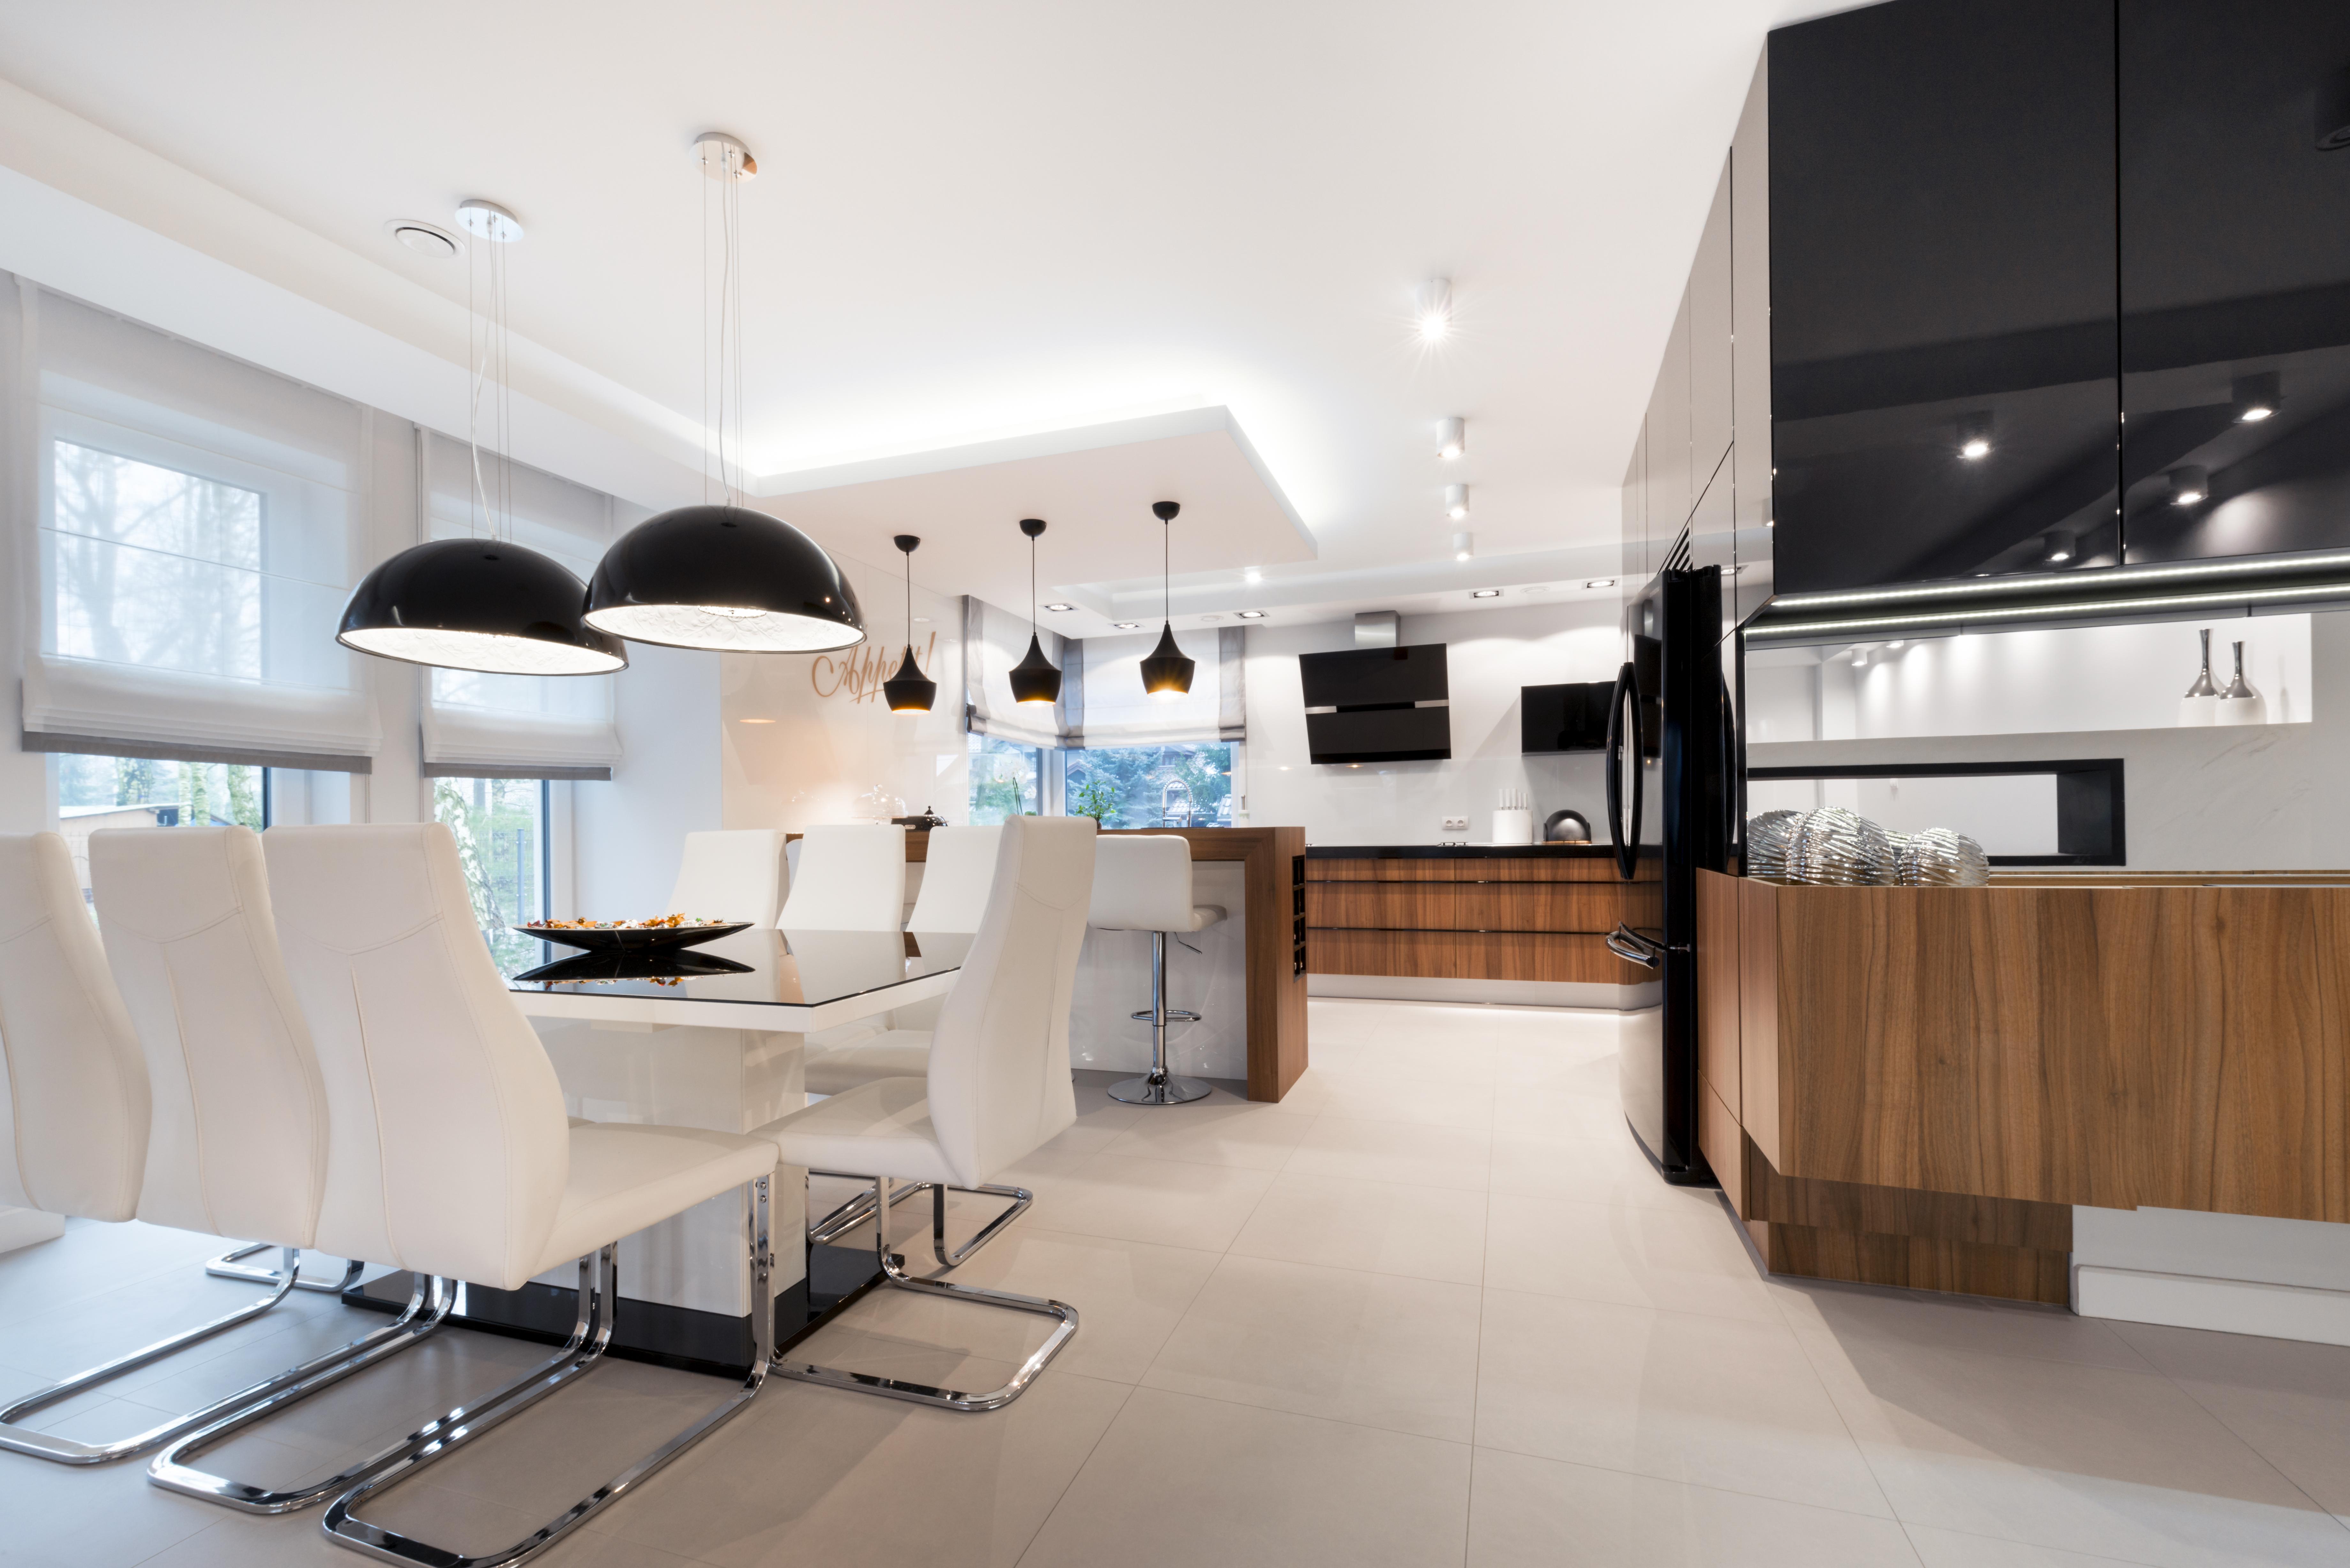 bigstock-Modern-Kitchen-Interior-Design-83287958